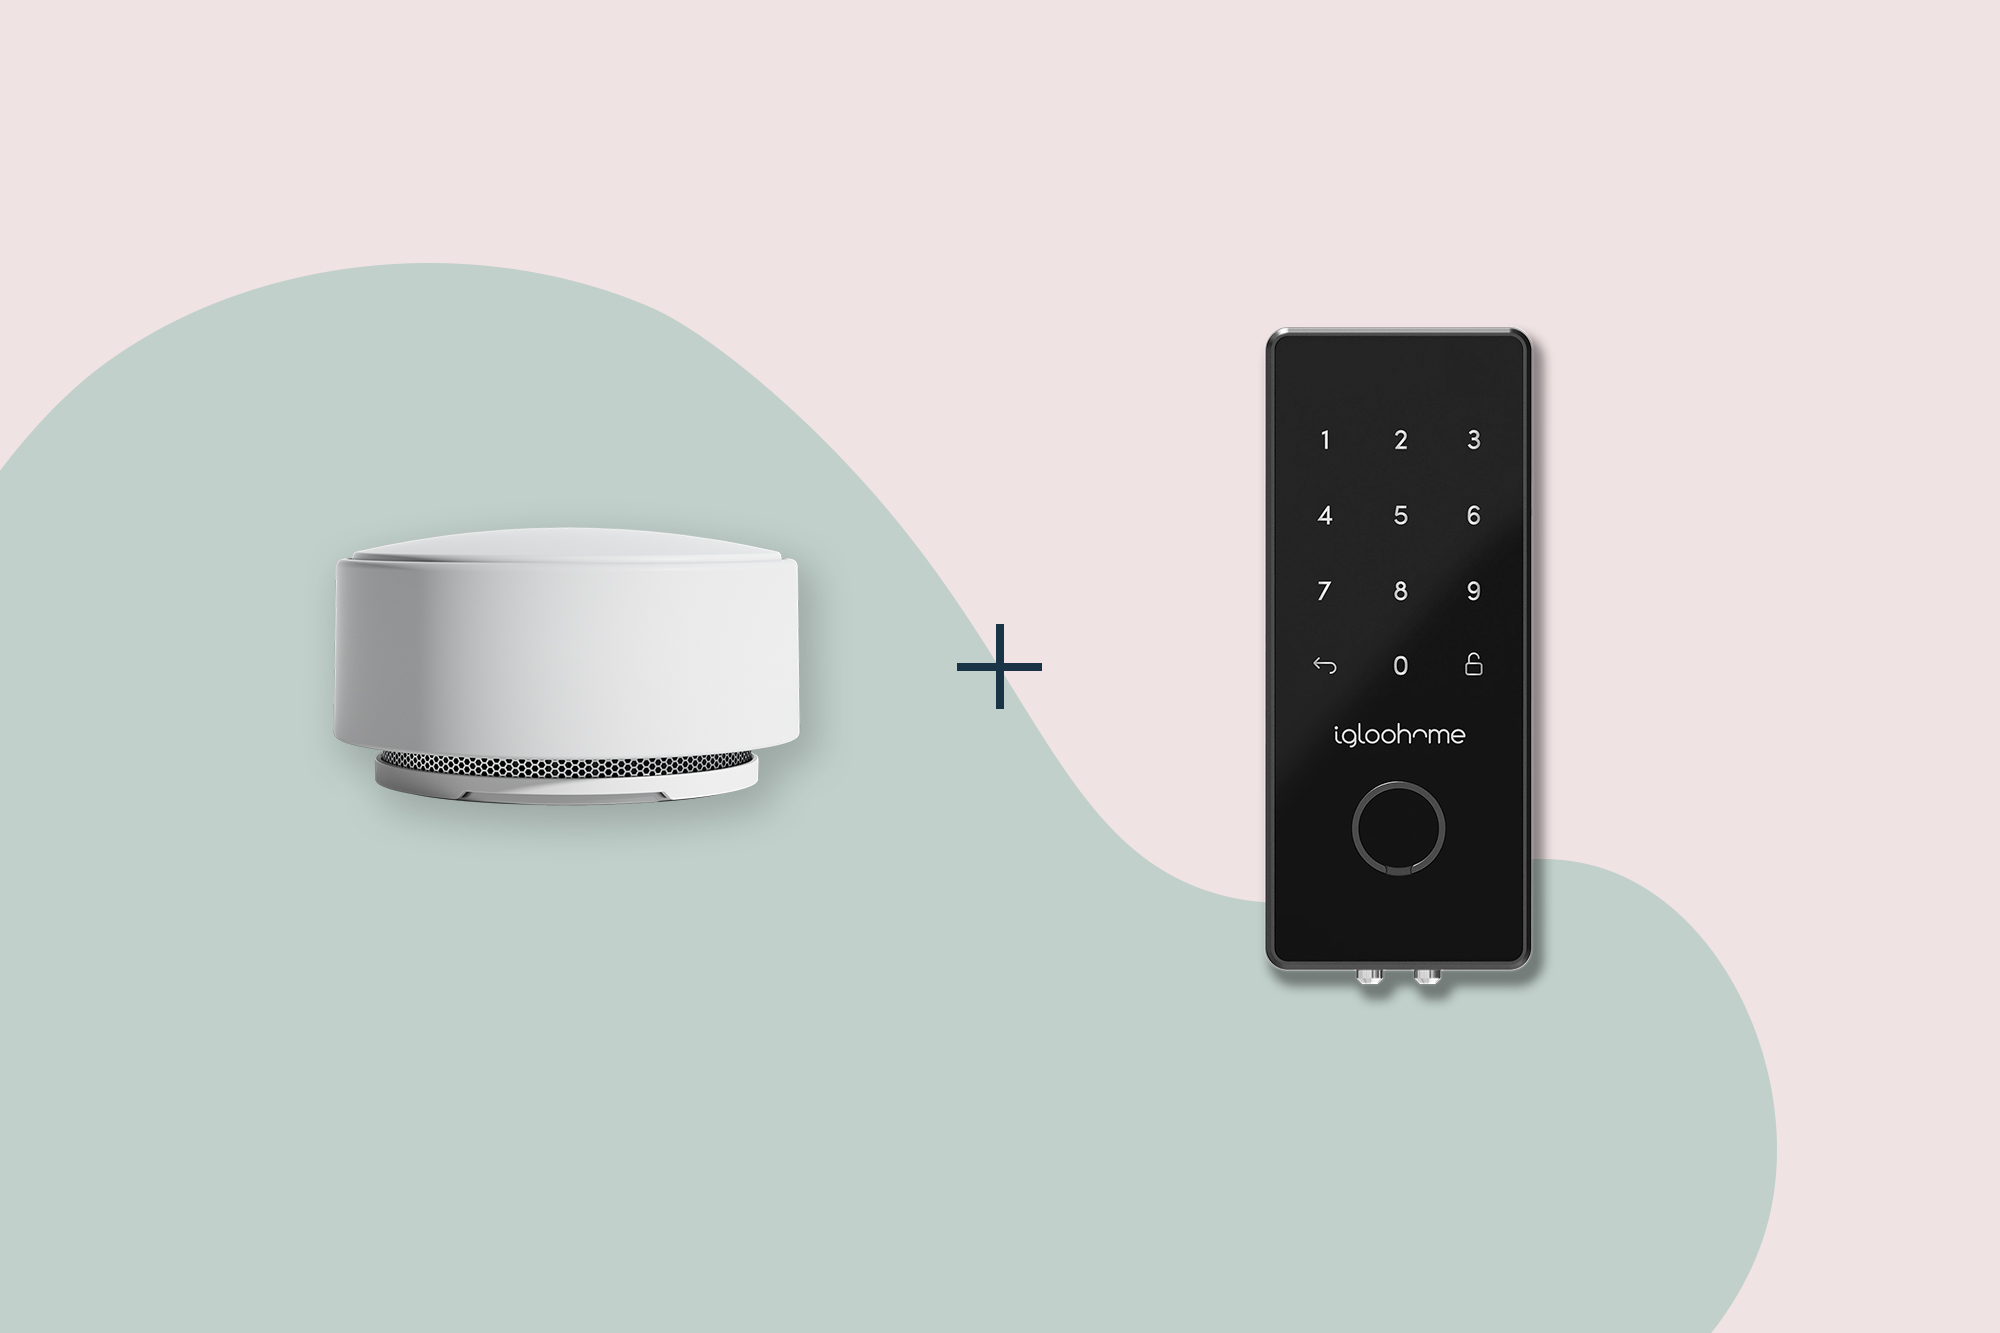 Minut sensor and igloohome smart lock